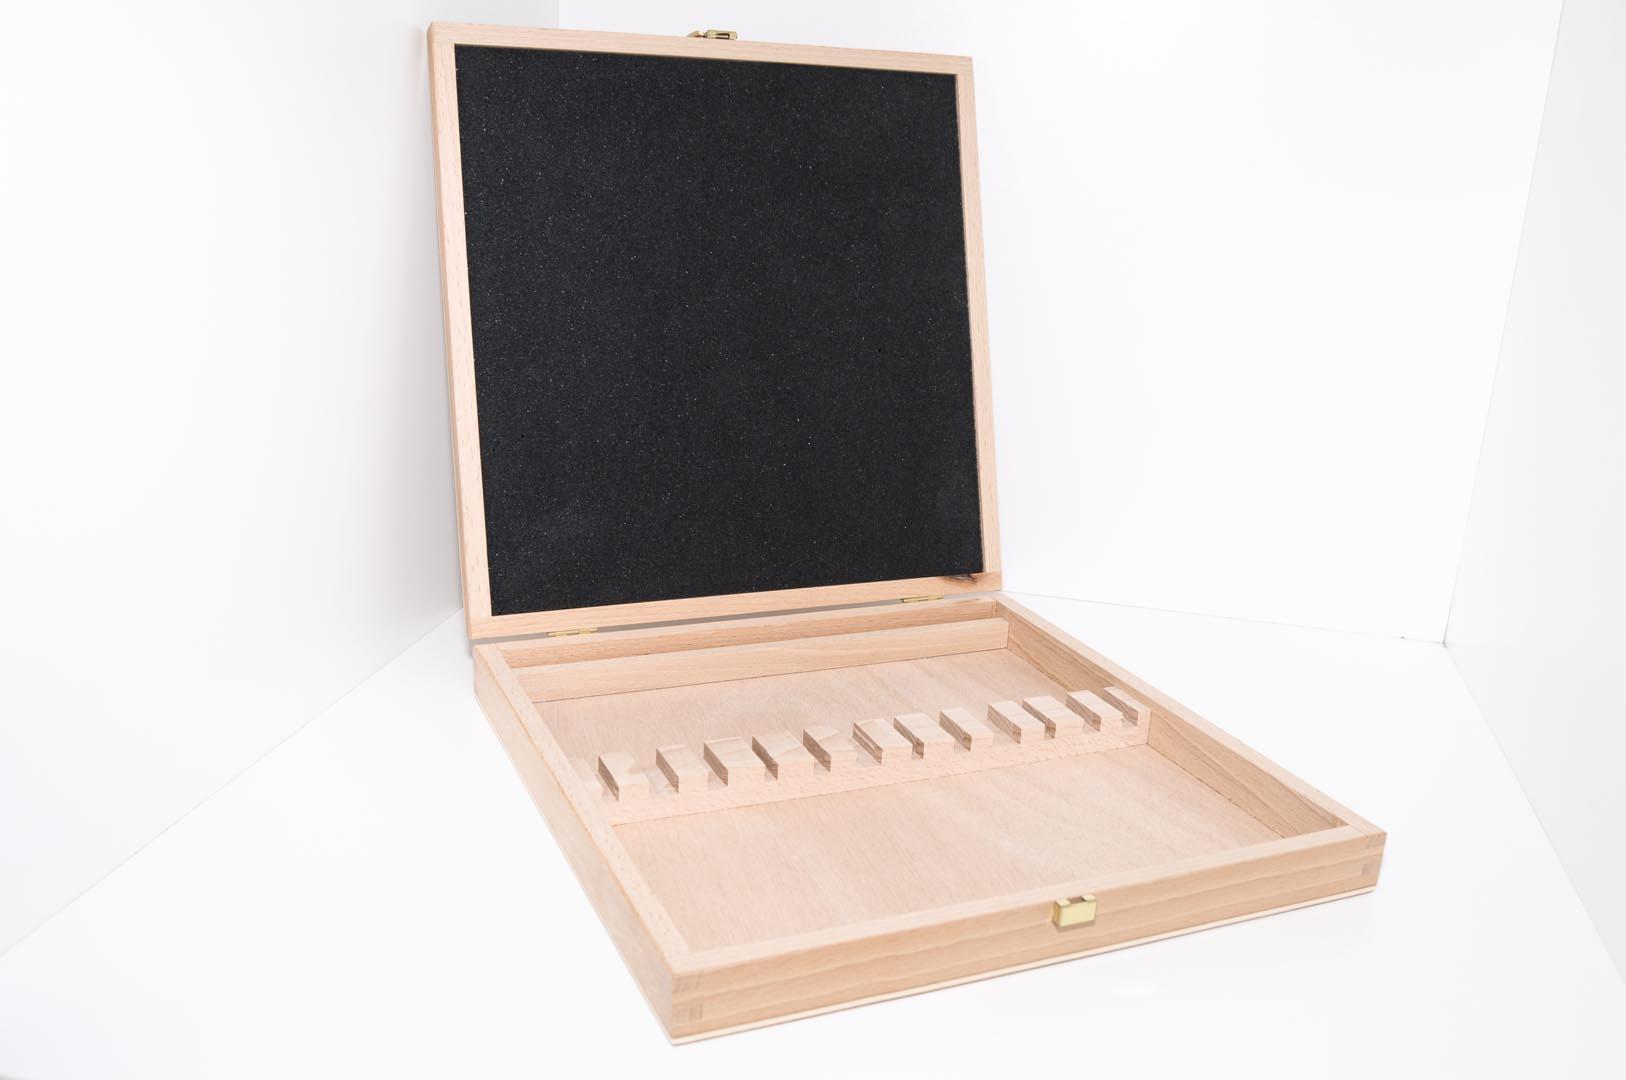 3554000 dos cerezas caja de madera vacia para 12pz de - Gubias para madera ...